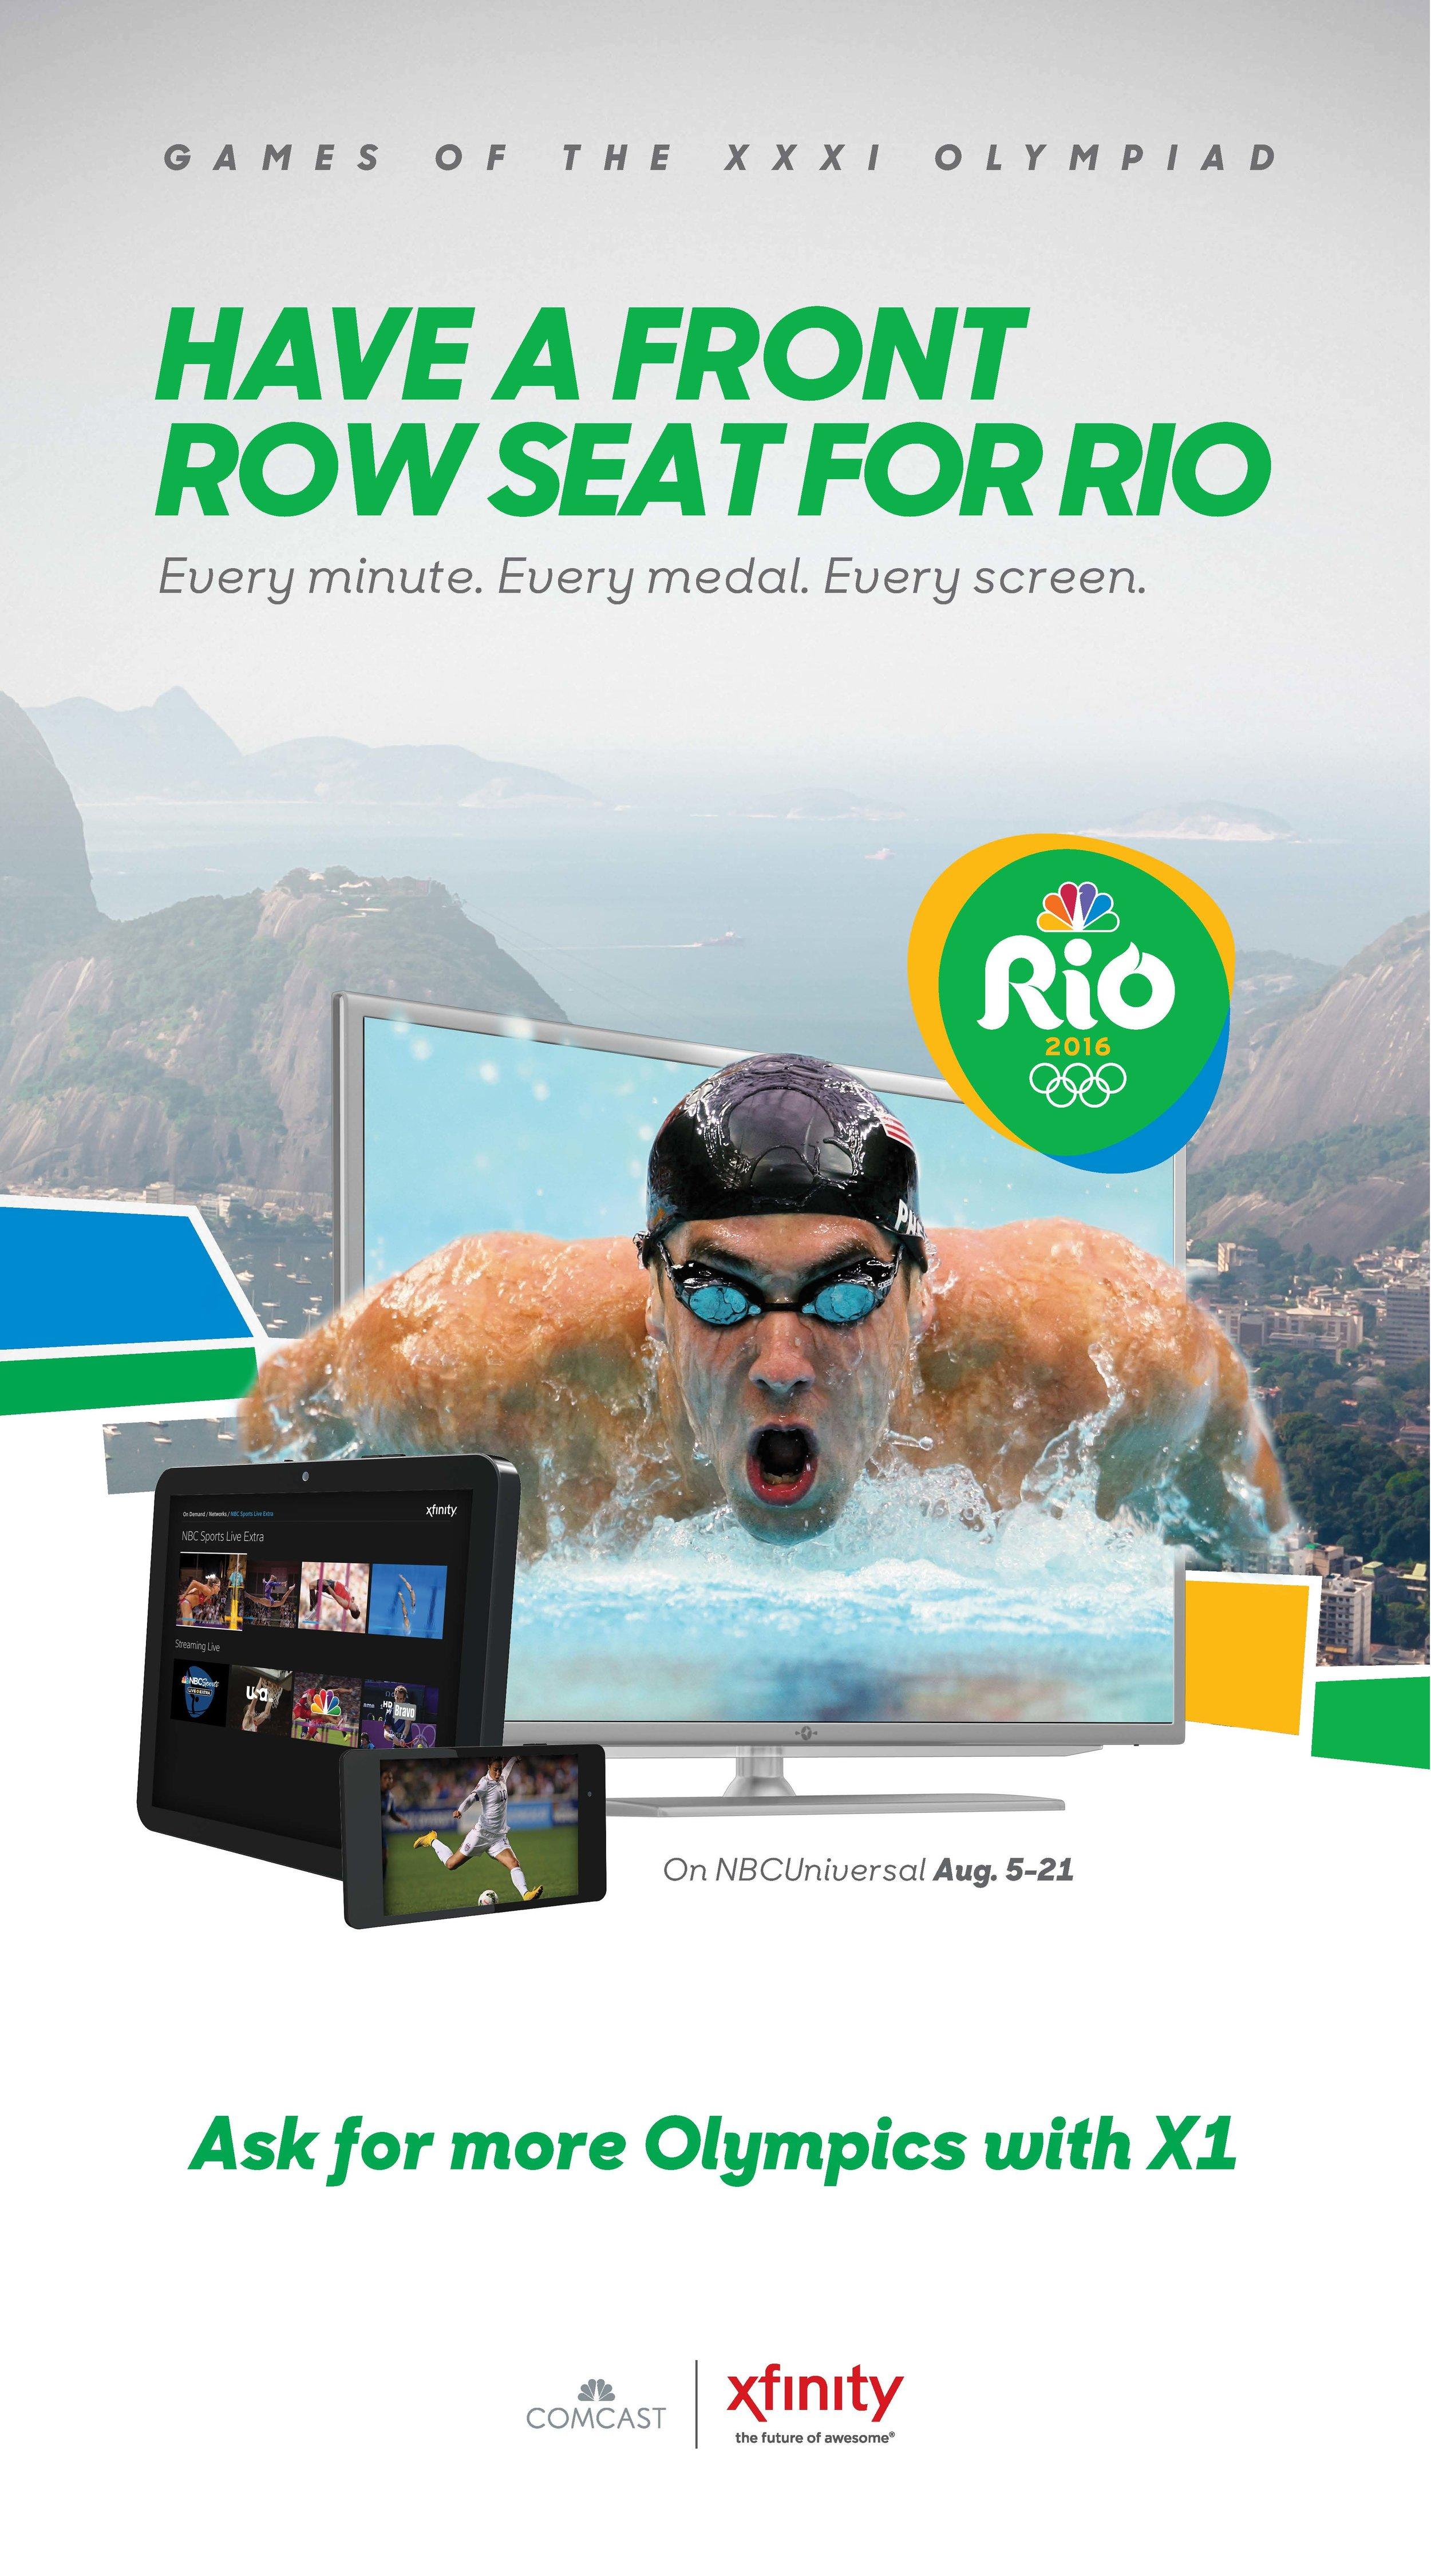 12754_Olympics_pstr3054_v1 2.jpg